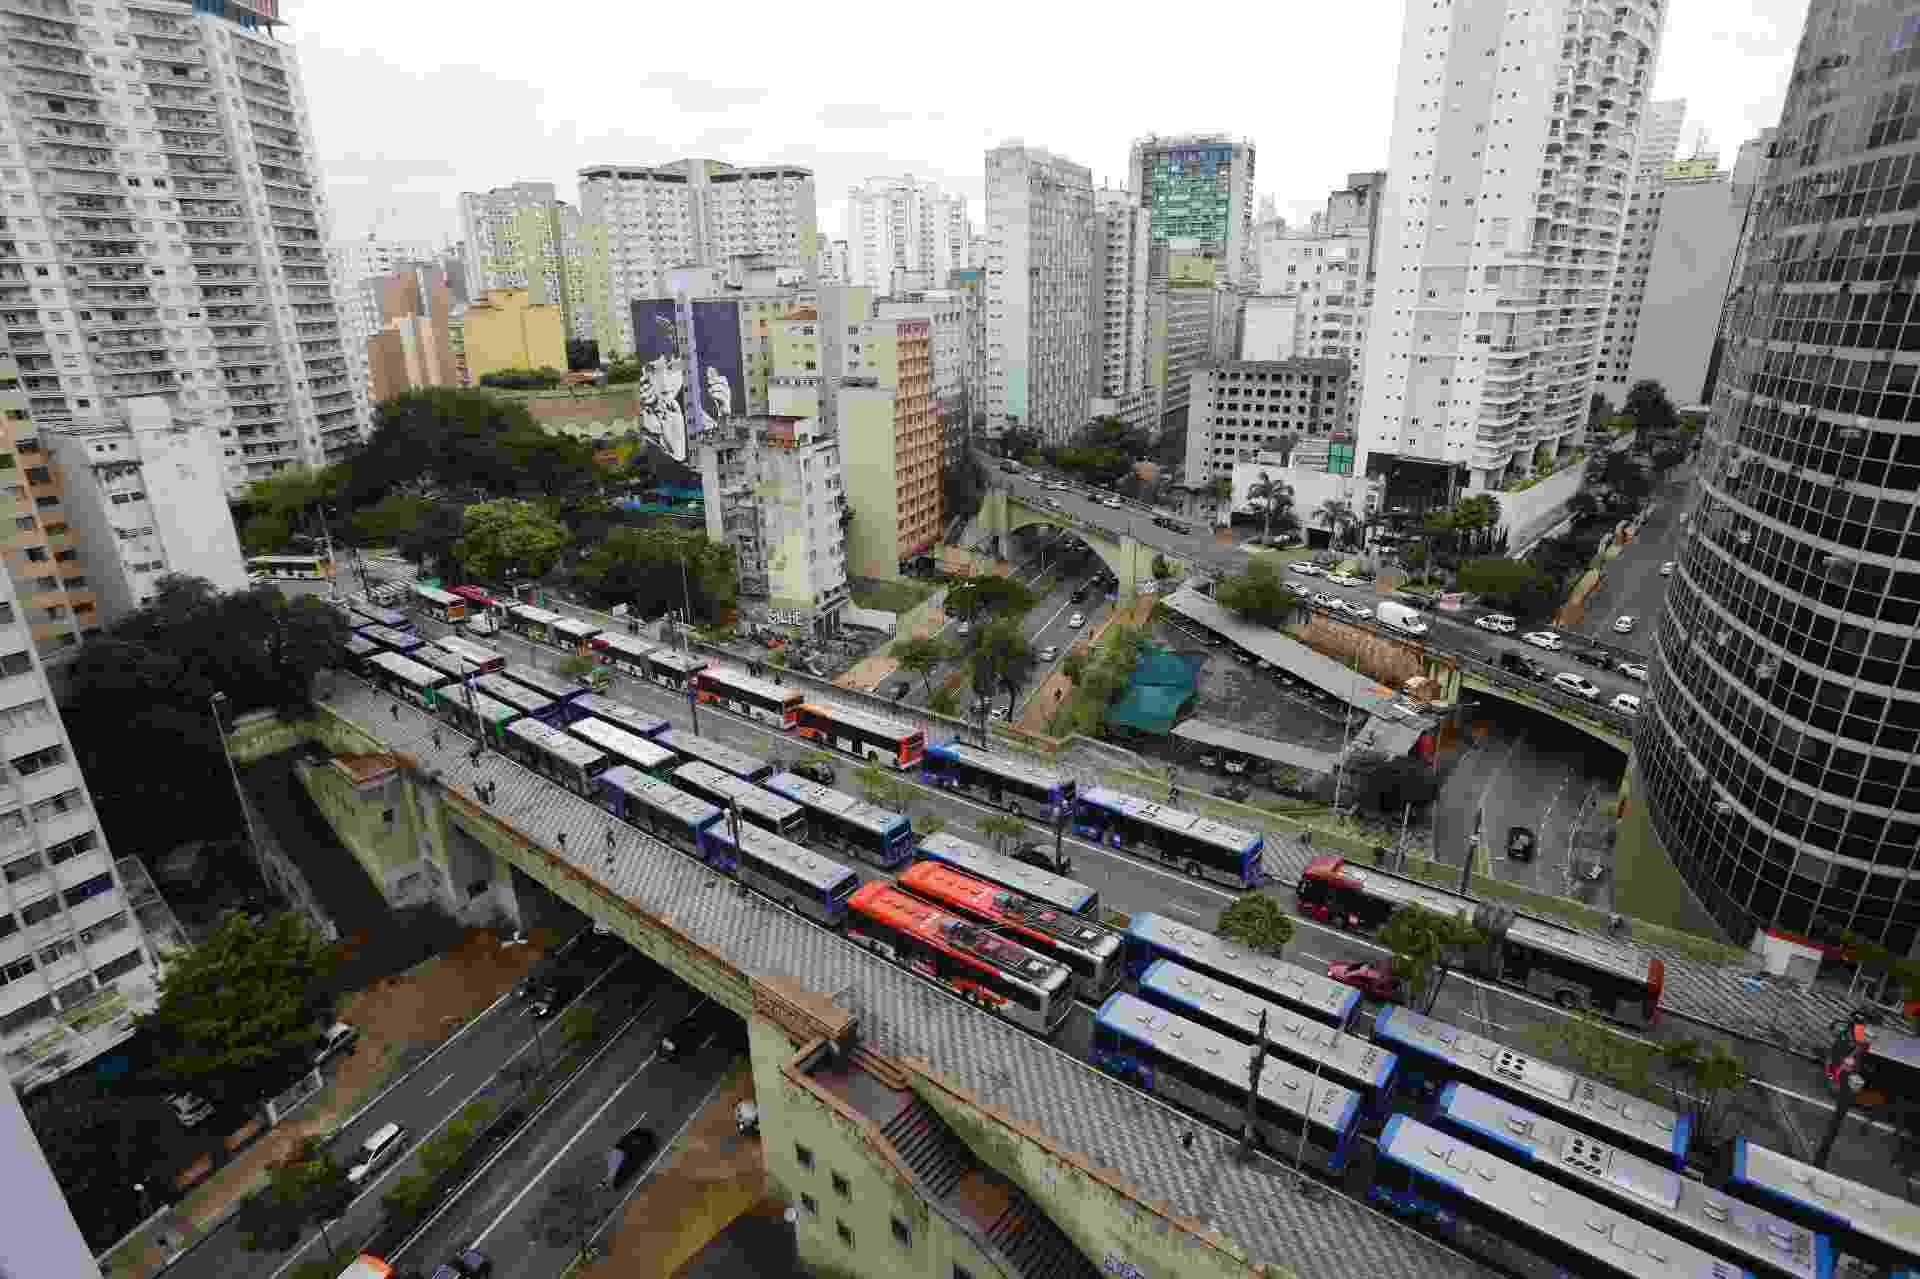 Fila de ônibus no Viaduto 9 de Julho, no centro de São Paulo, na manhã de hoje. A justiça determinou que 70% da frota circule para atender a população nos horários de pico. - Estadão Conteúdo